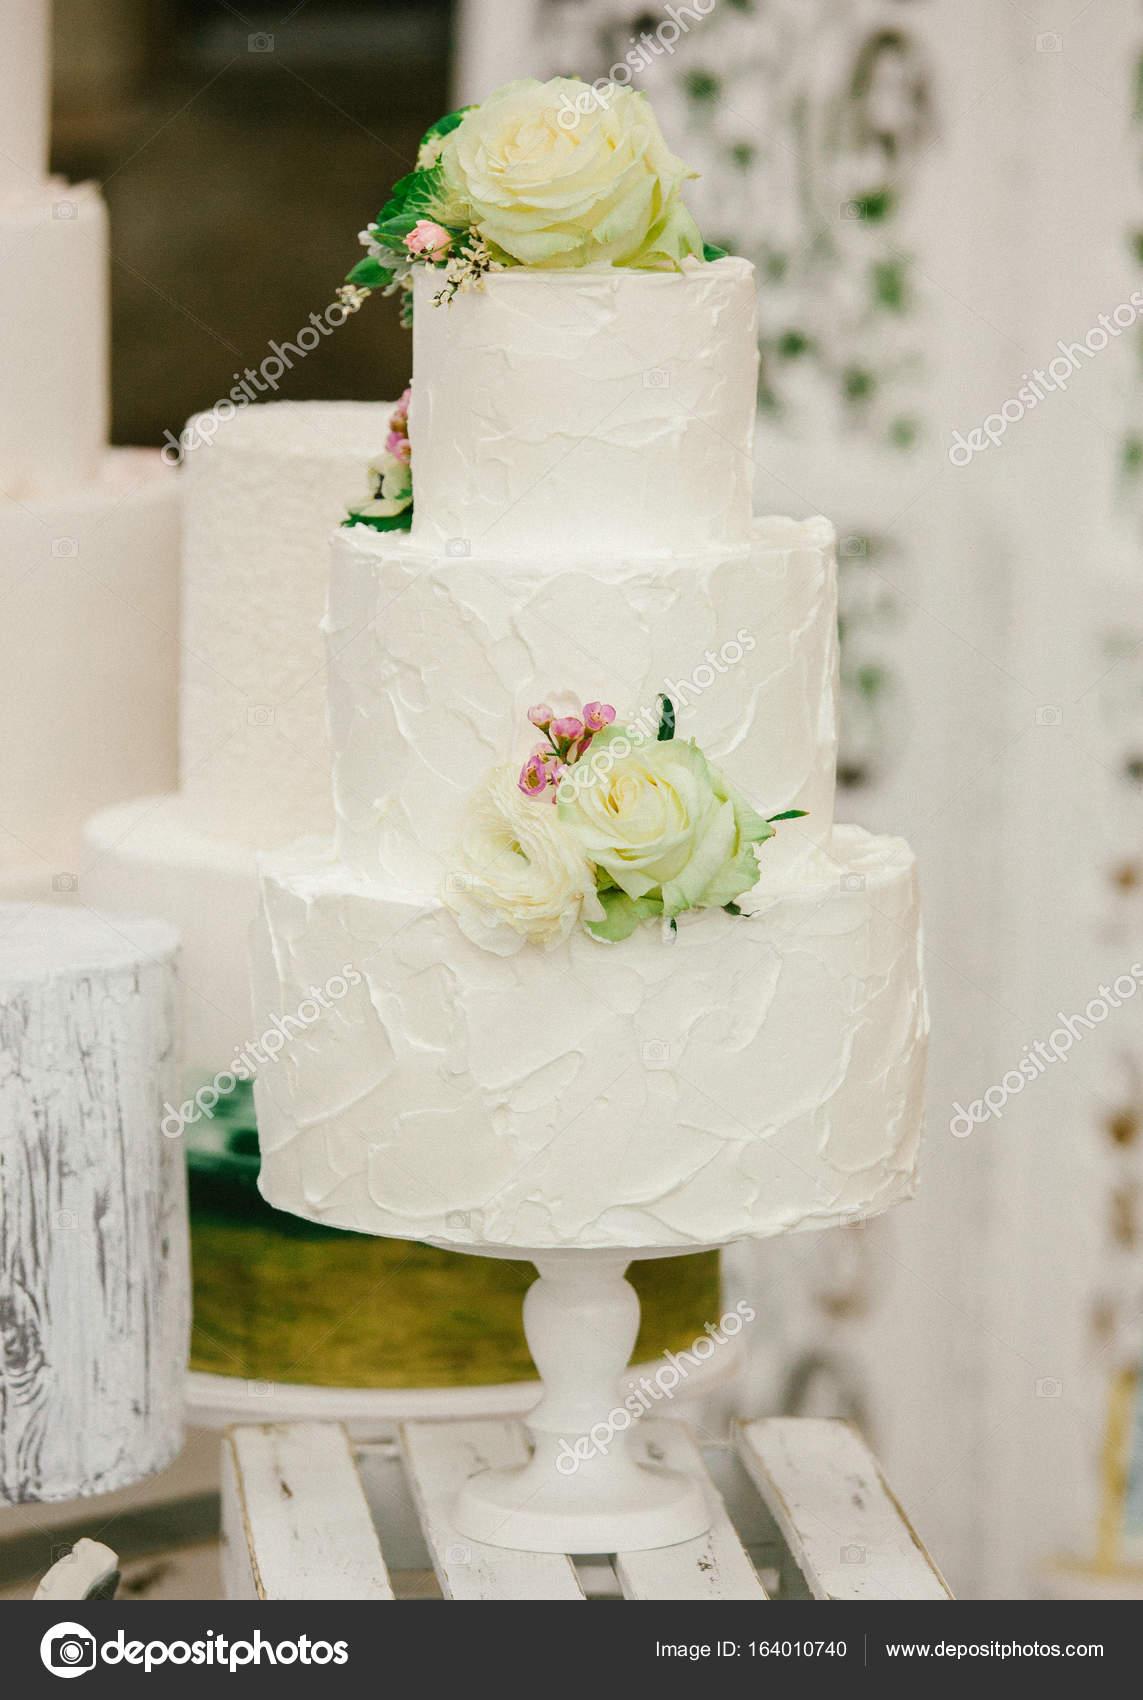 Eine Klassische Abgestufte Hochzeitstorte Mit Rosen Blumen